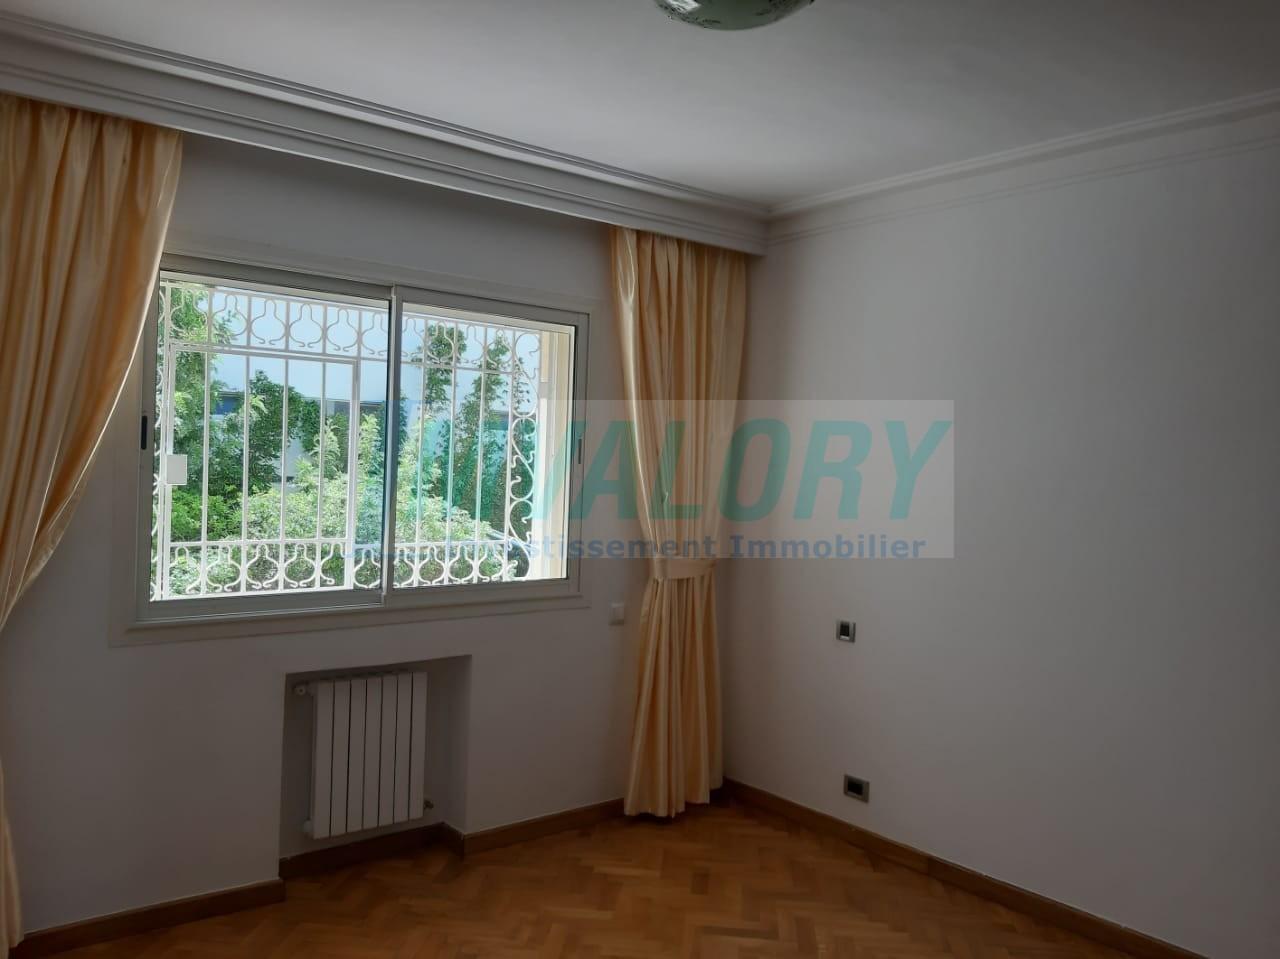 Appartement meublé de prestige 225 m² AIN DIAB